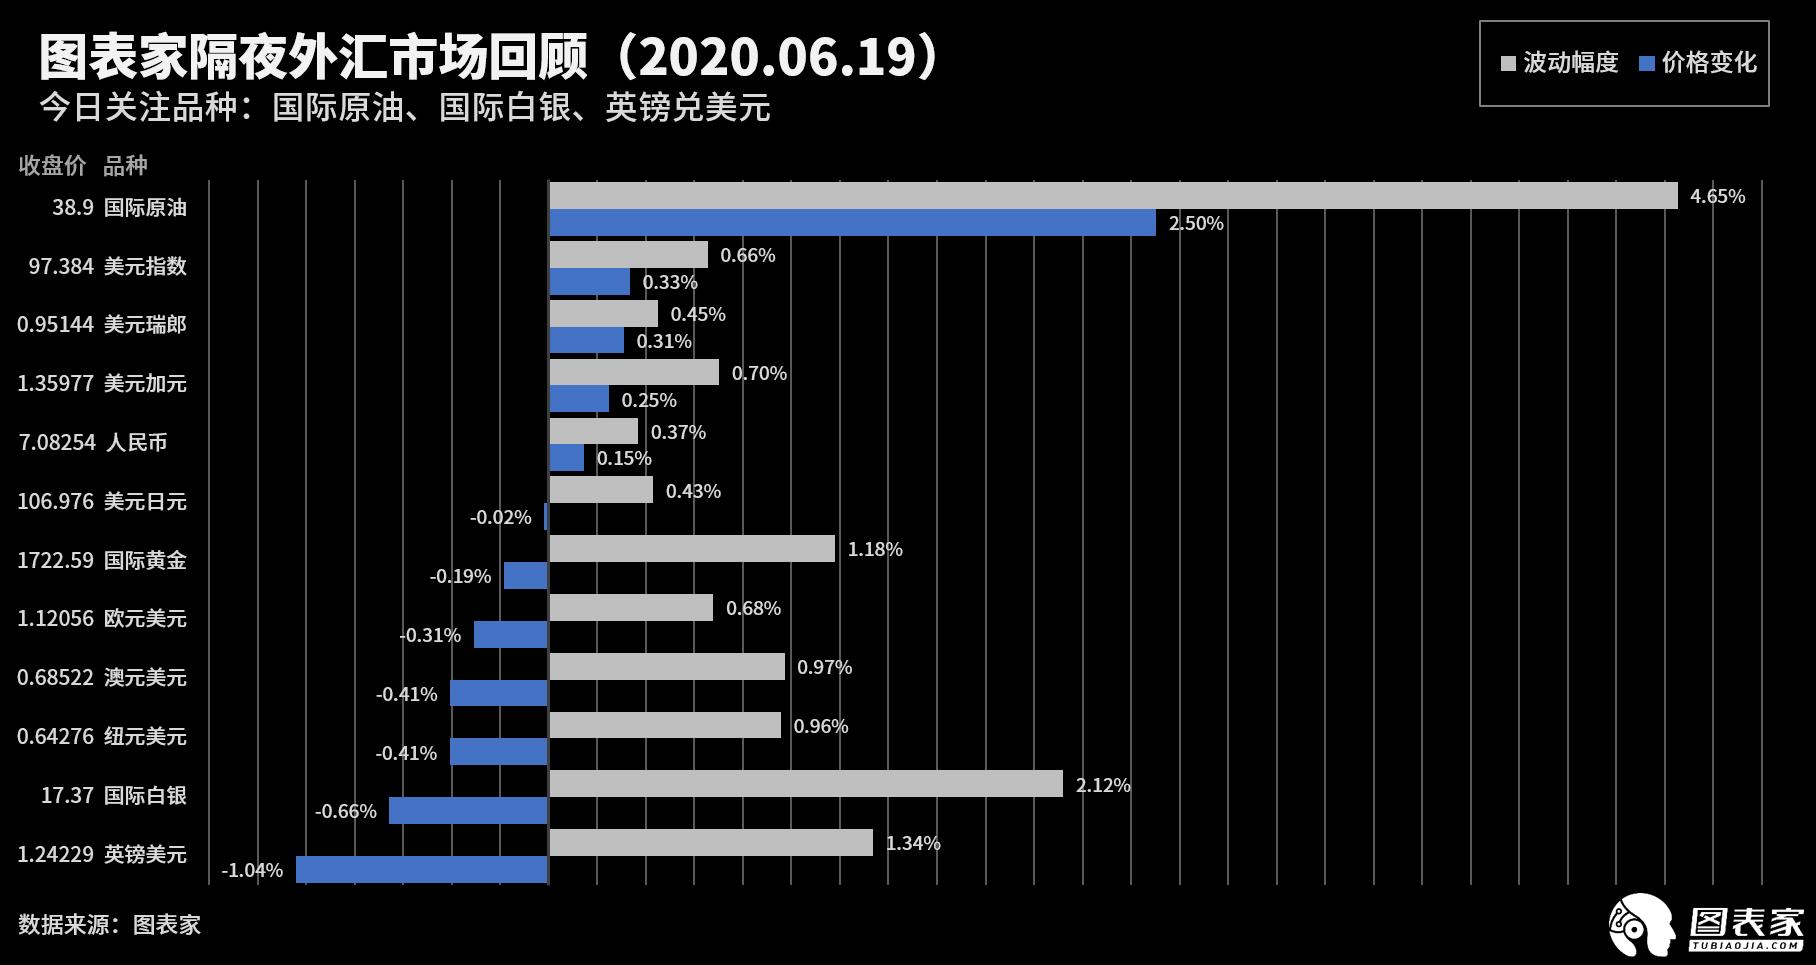 钠指喊单技术图表:今日交易机会提醒(06月19日) 内盘期货直播室 第4张